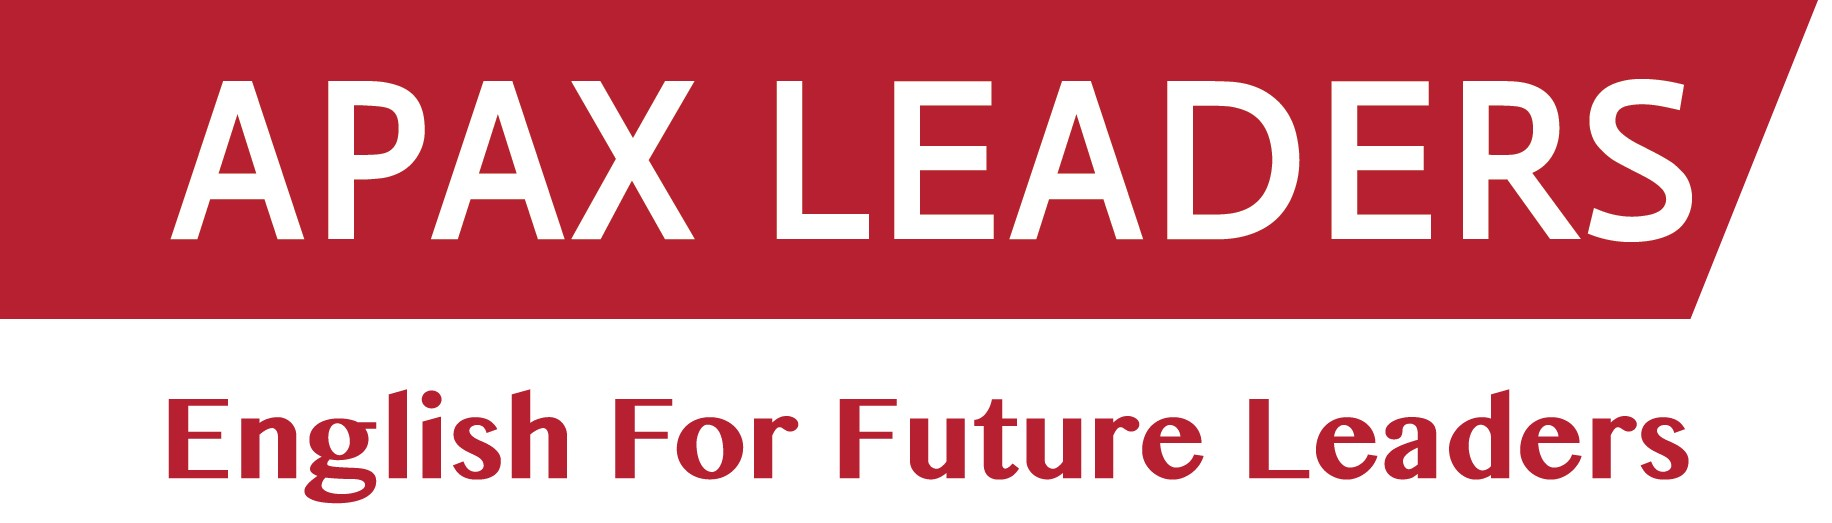 Apax Leaders | LinkedIn